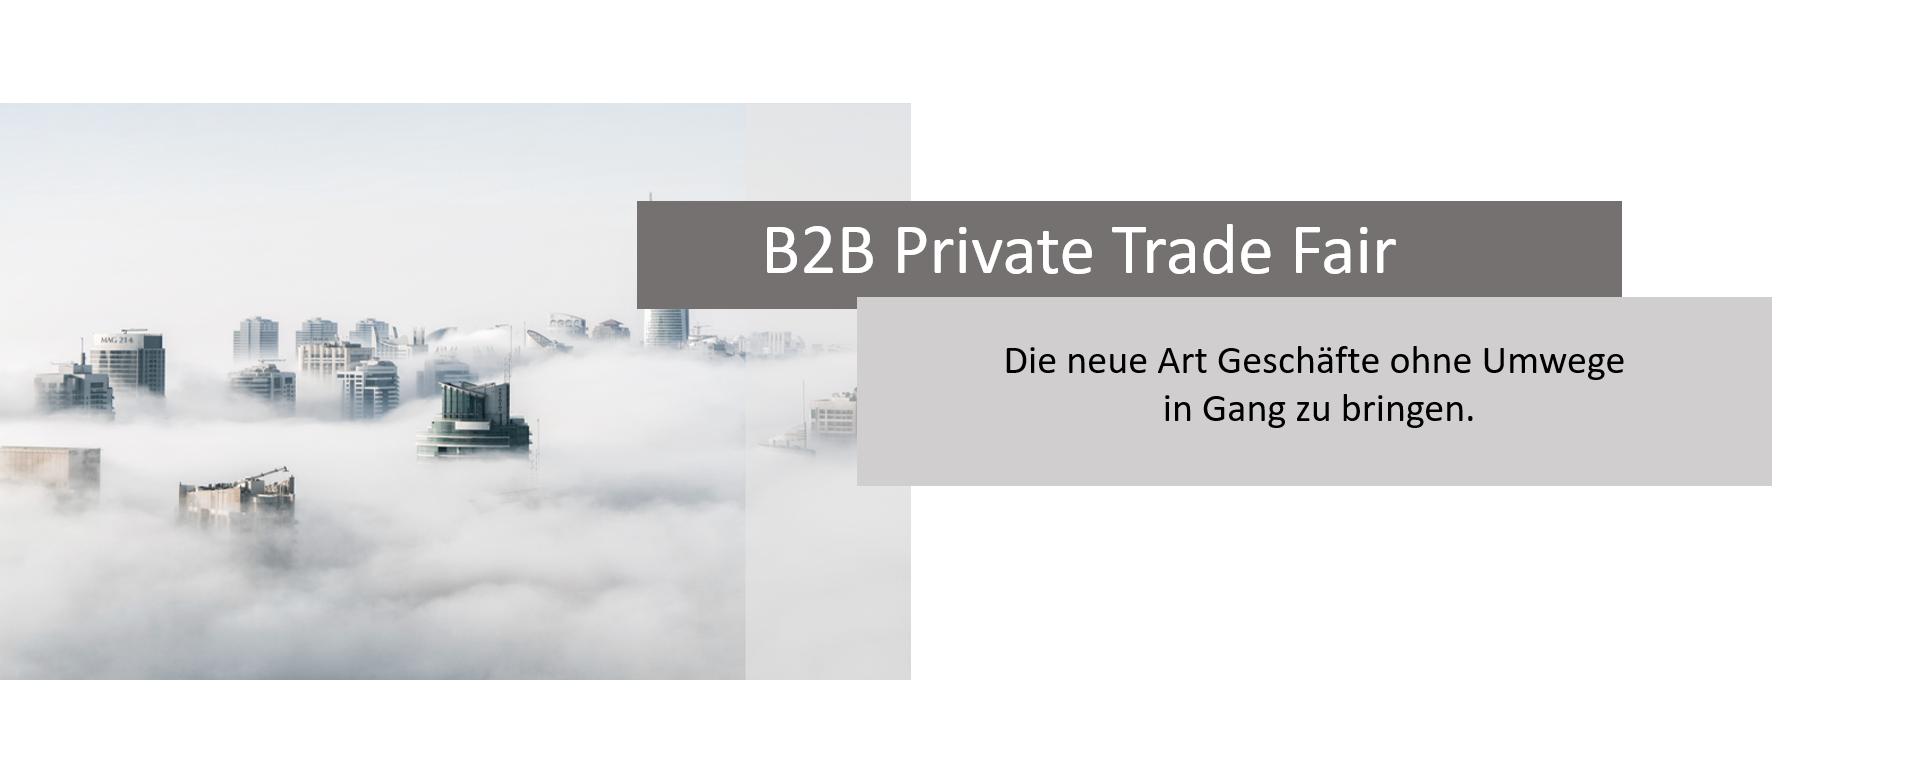 B2B Private Trade fair, die neue Art Geschäfte ohne Umwege in Gang zu bringen.